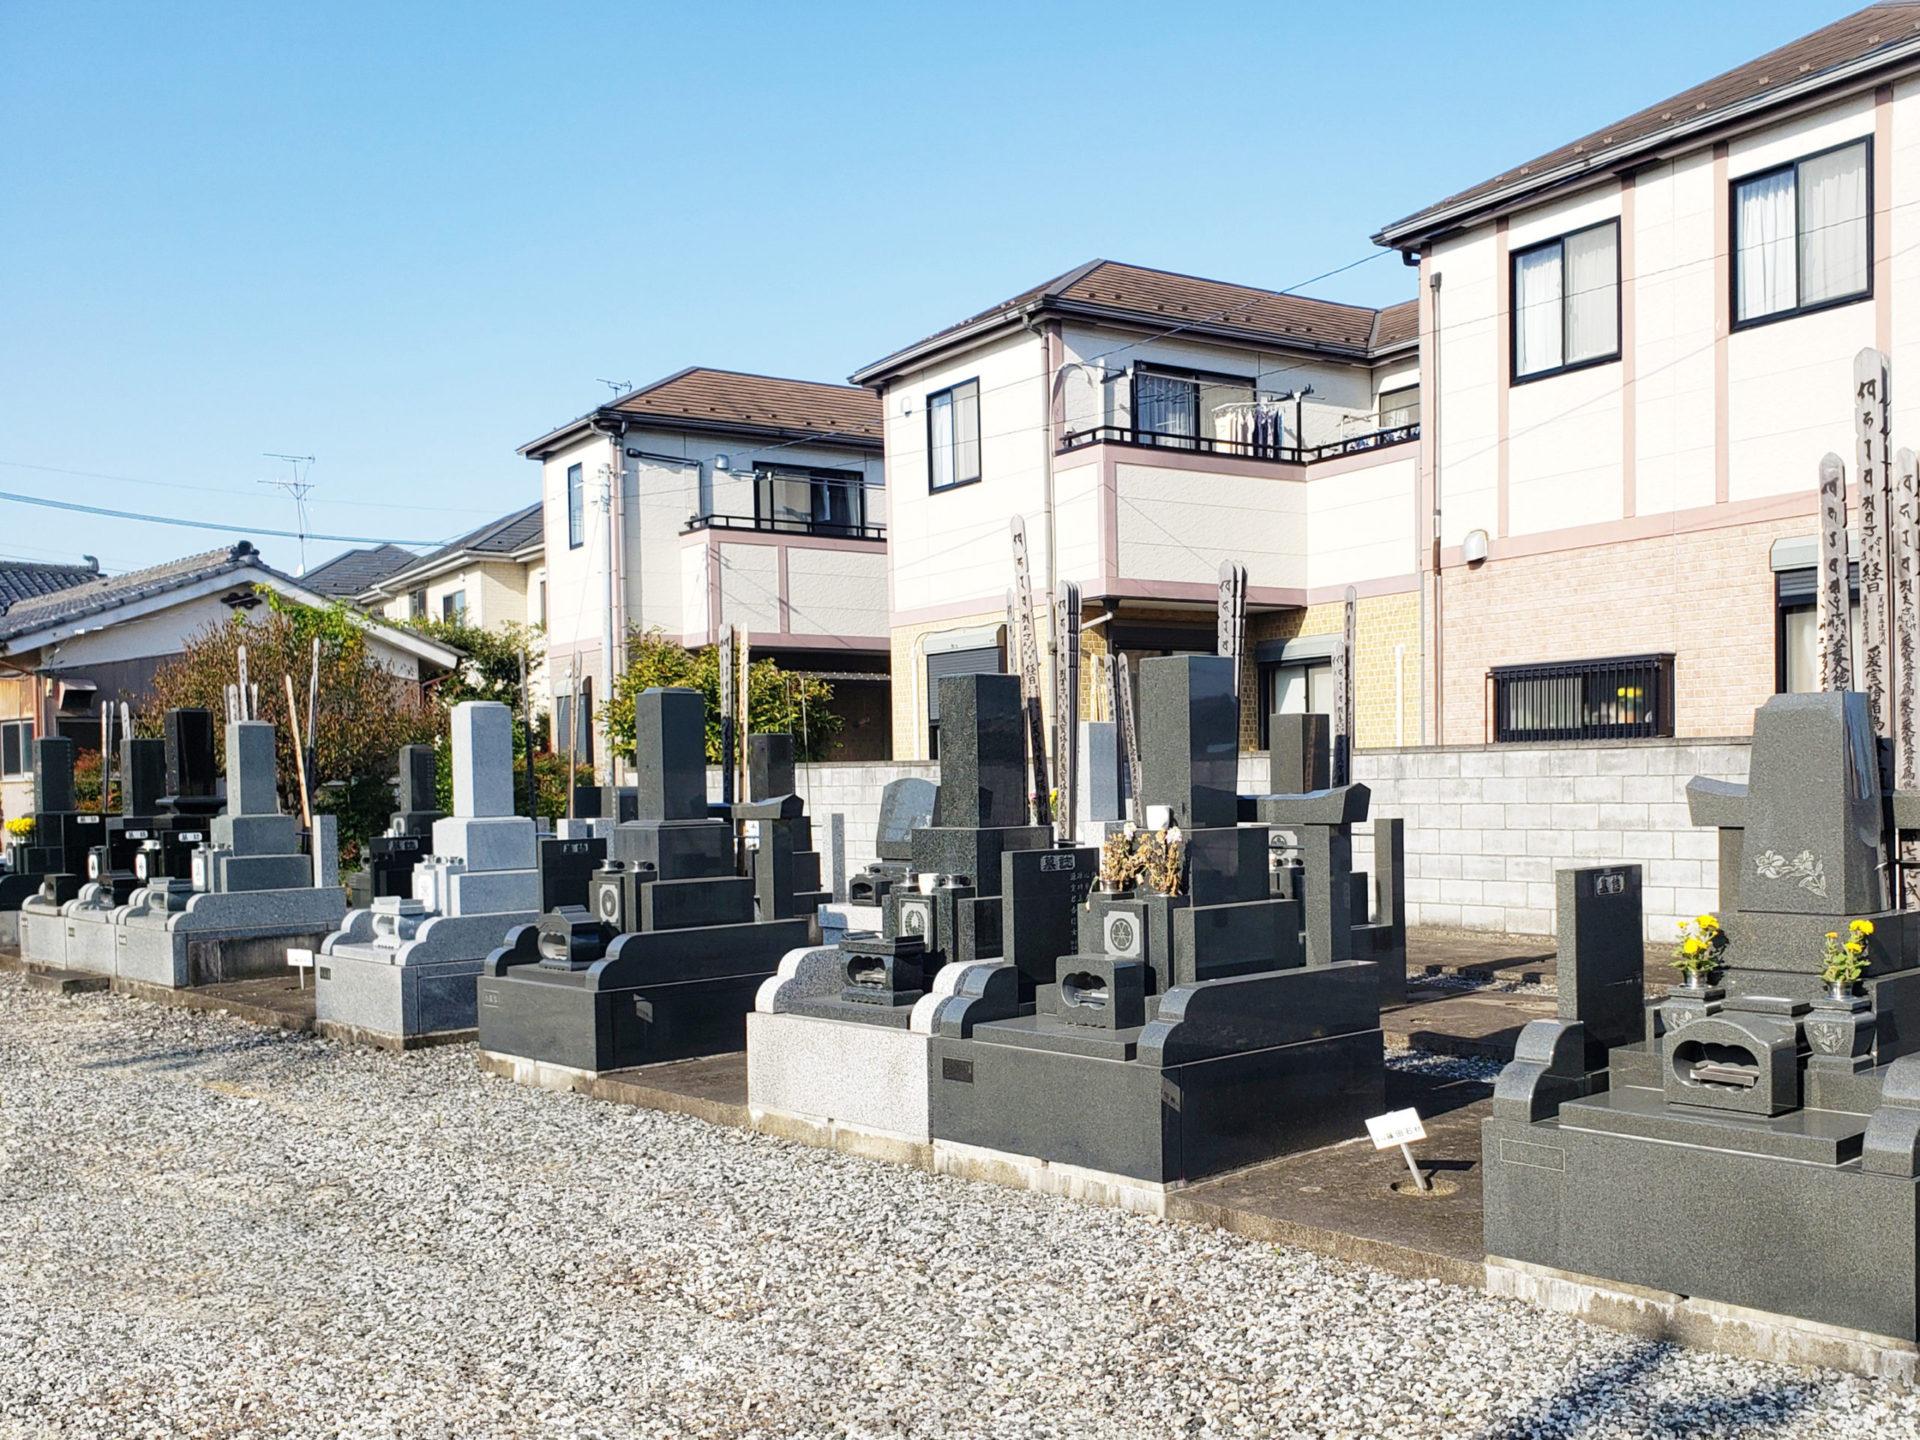 西福寺墓苑(旧極楽寺)<br>(埼玉県三郷市)